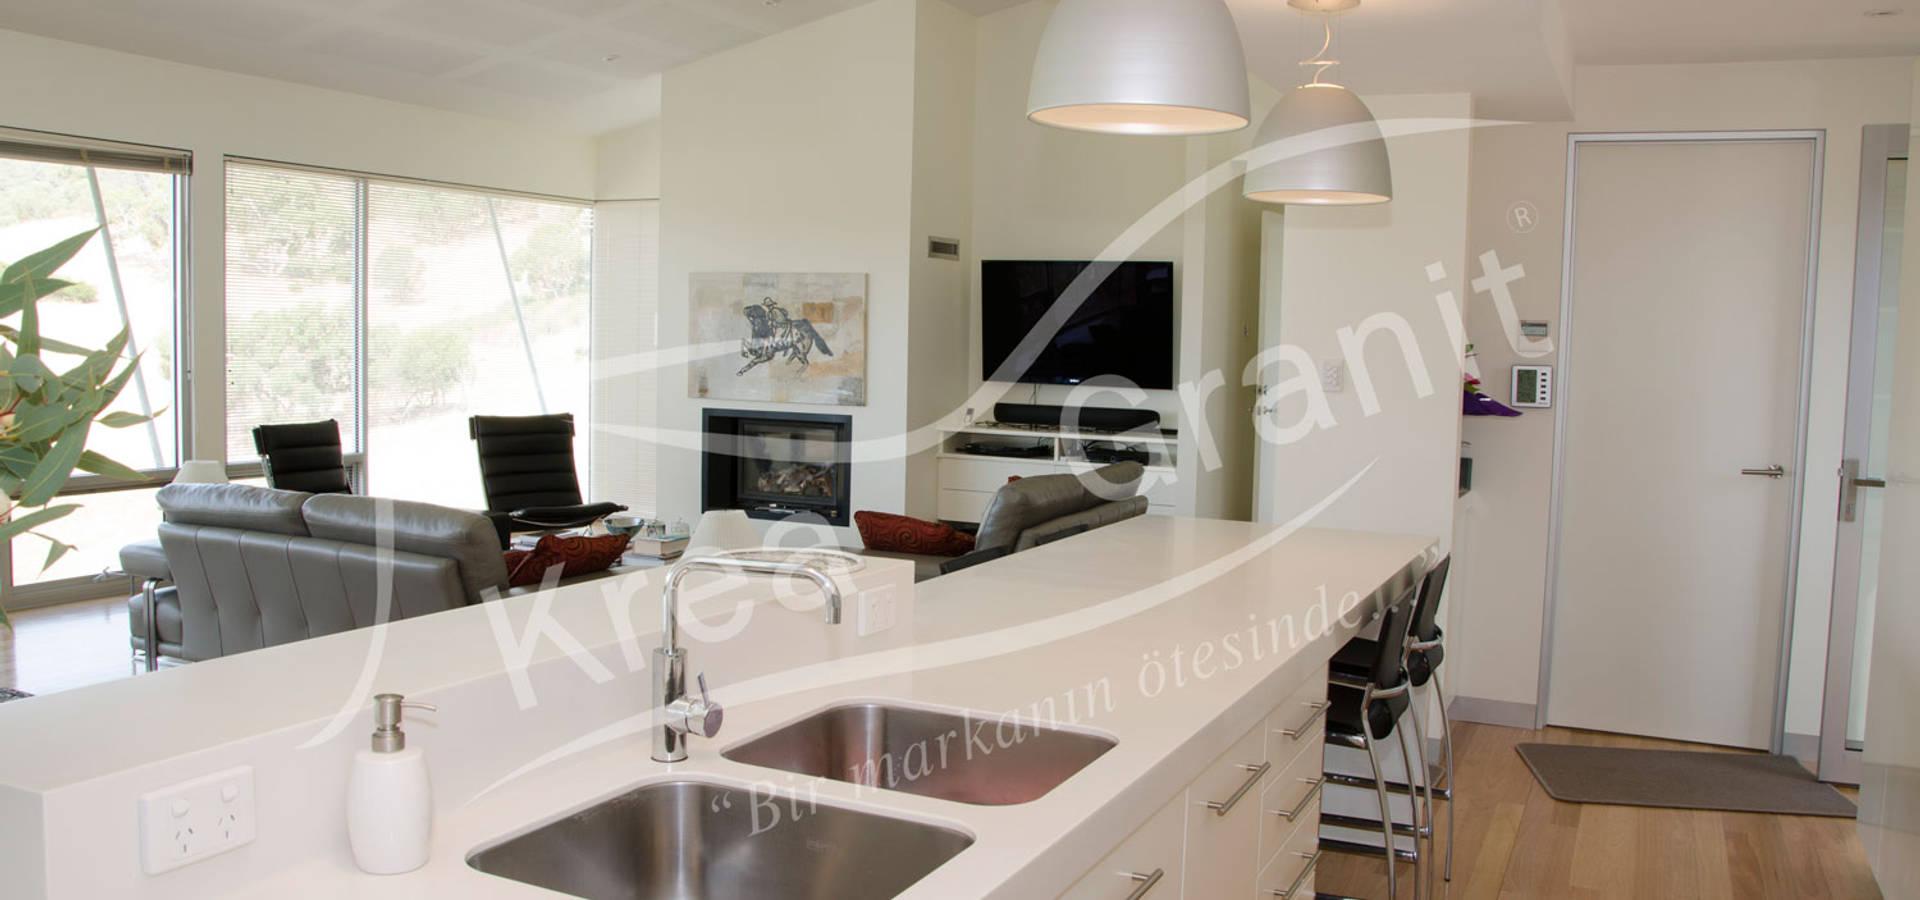 KREA Granit- Mutfak Banyo Tezgahları